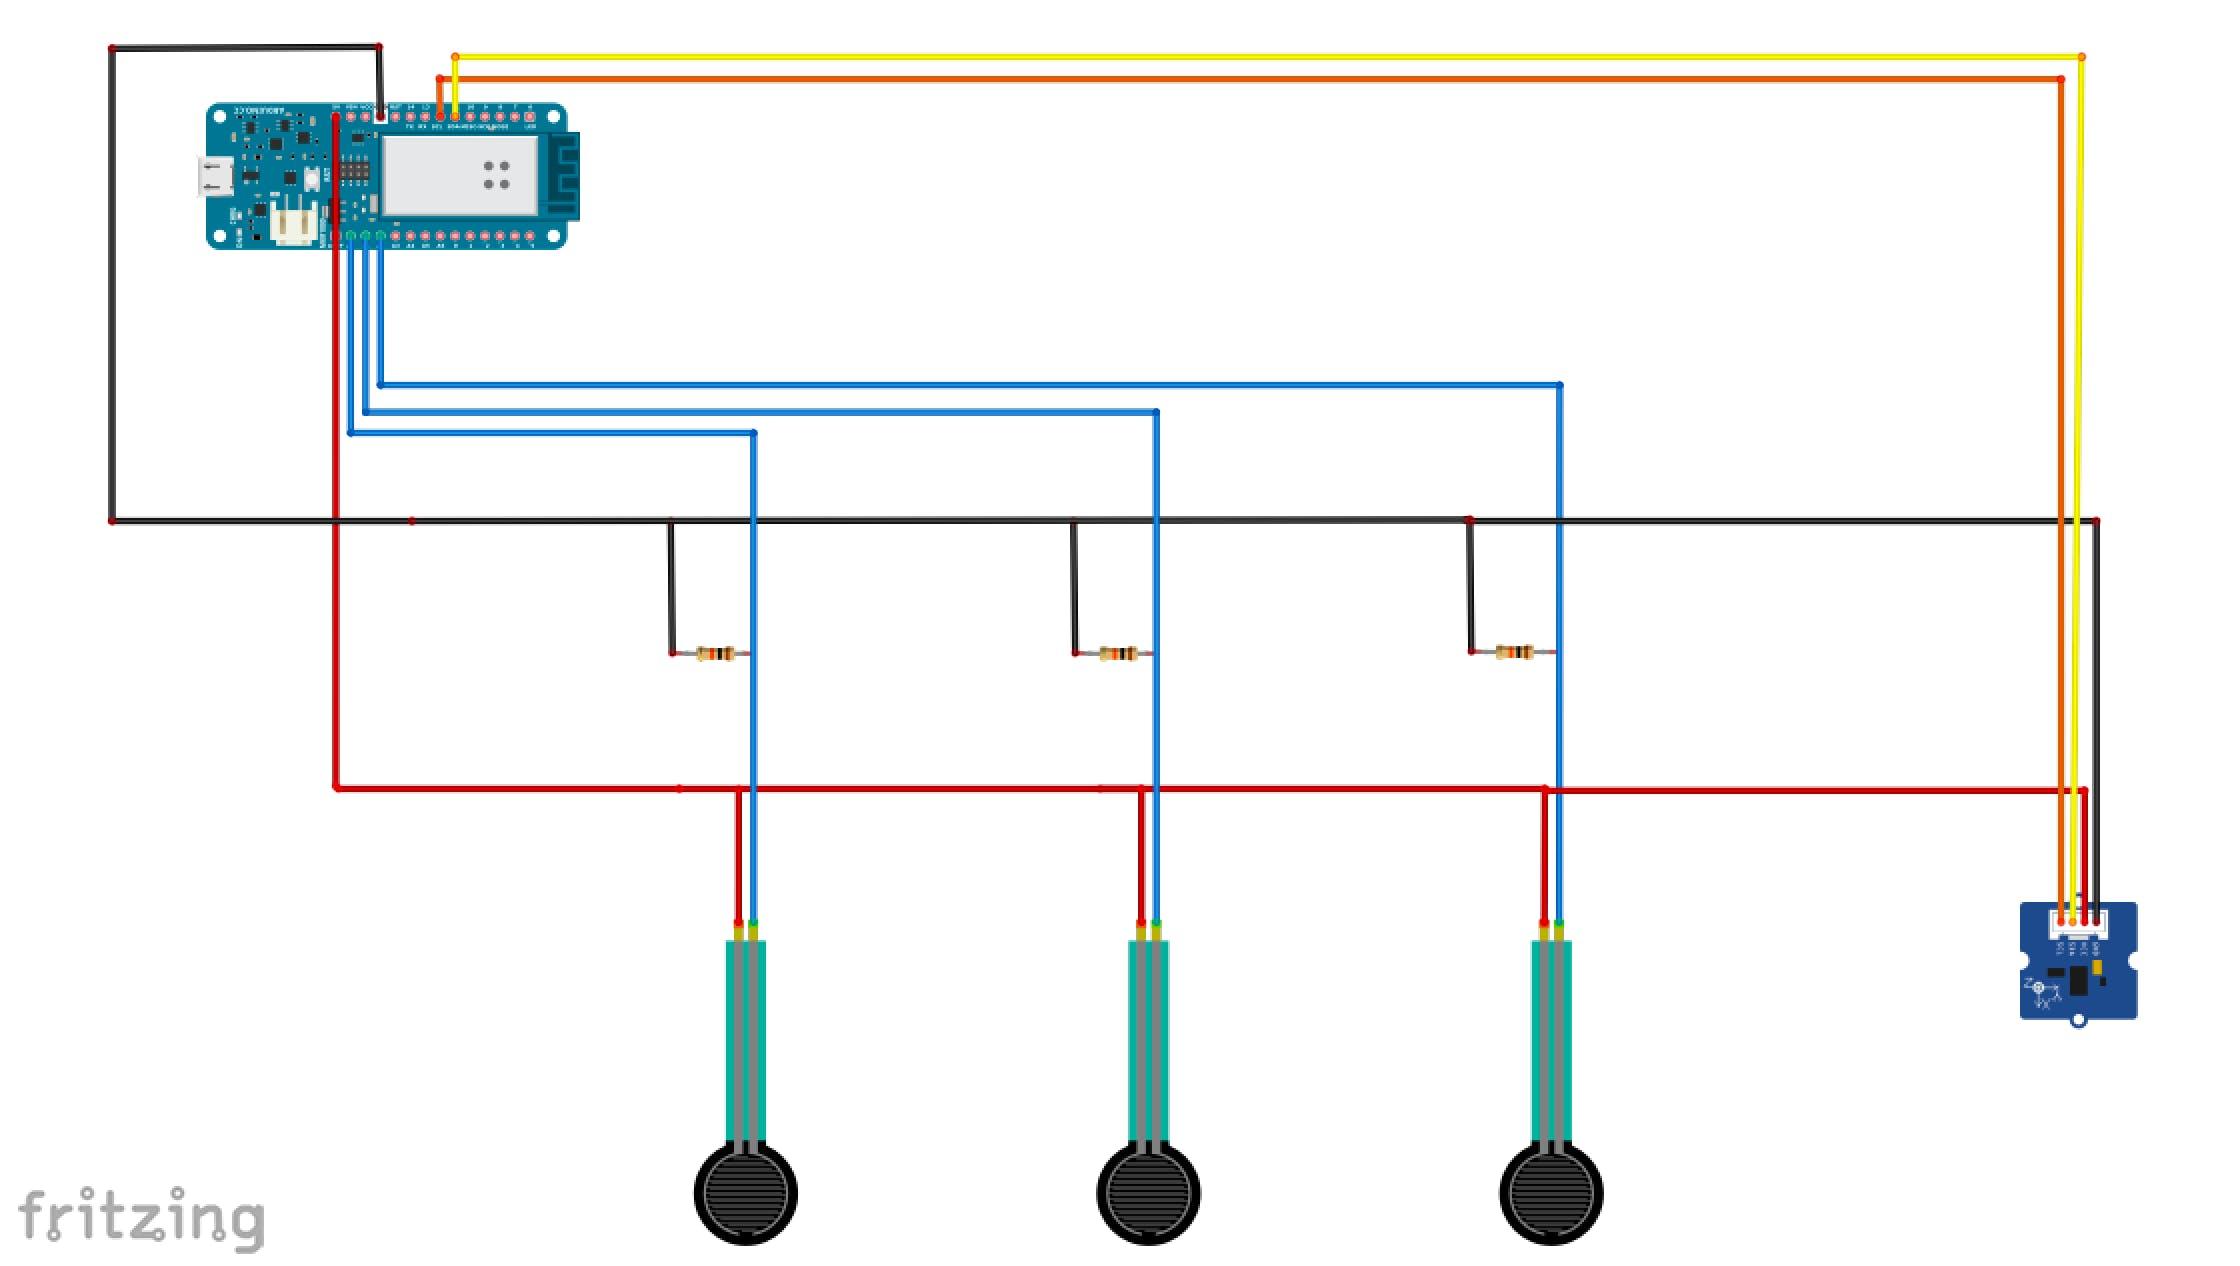 Schematics of our hardware